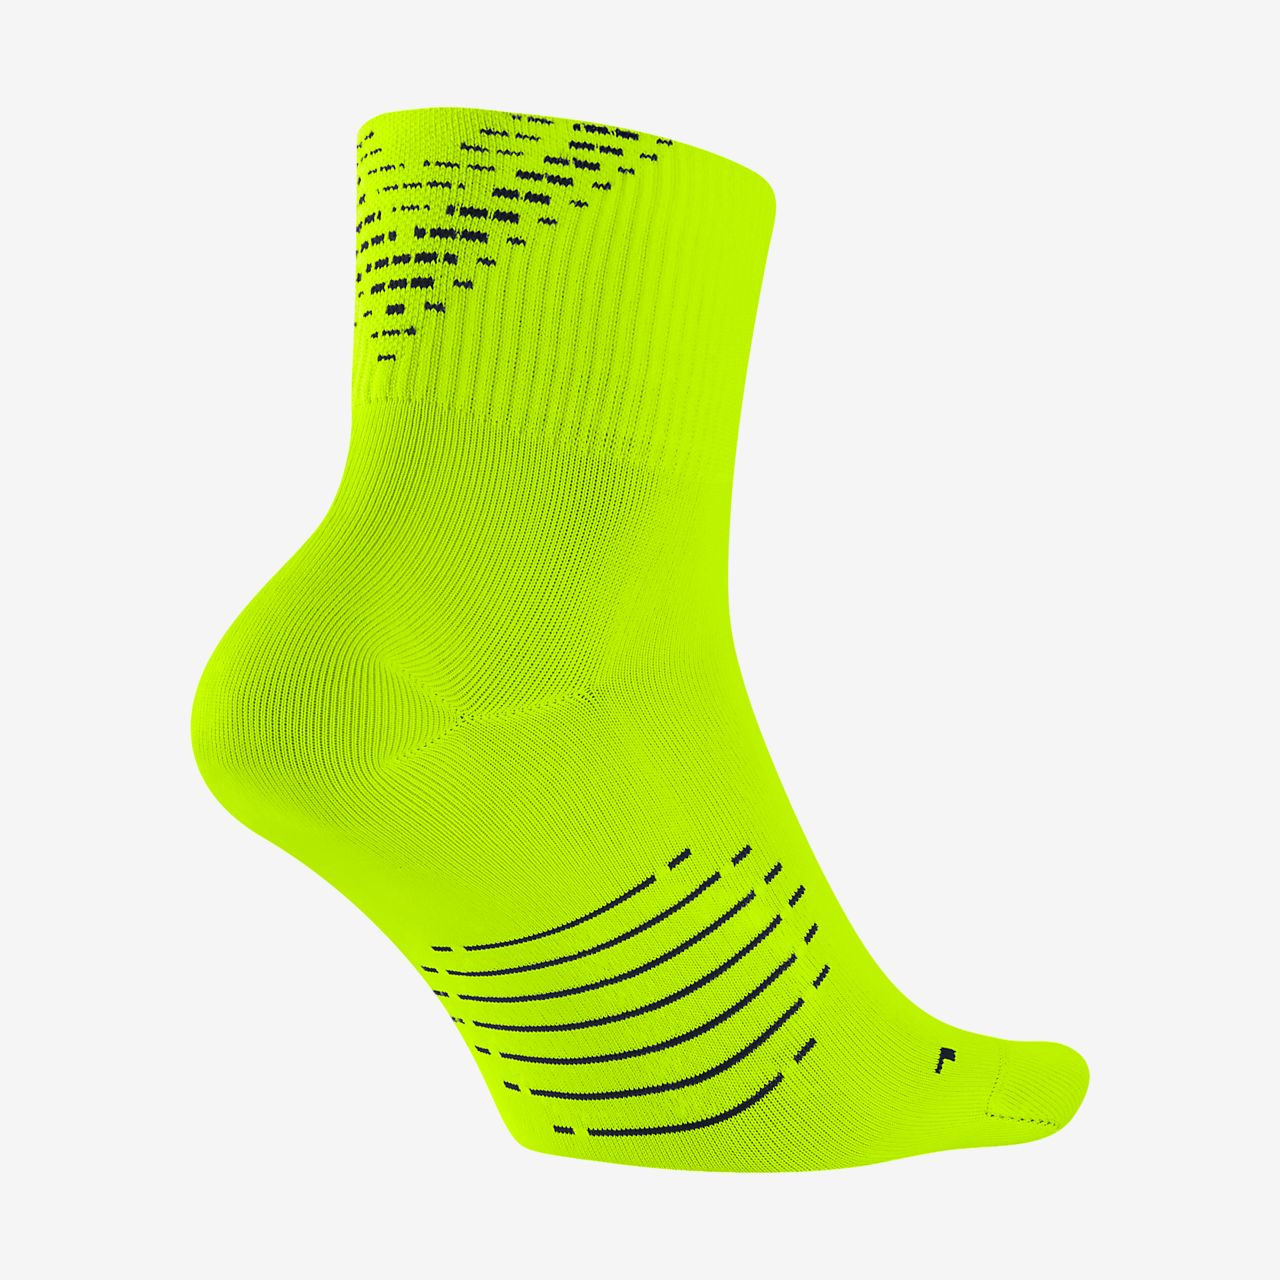 Chaussettes de running Nike Elite Lightweight 2.0 Quarter